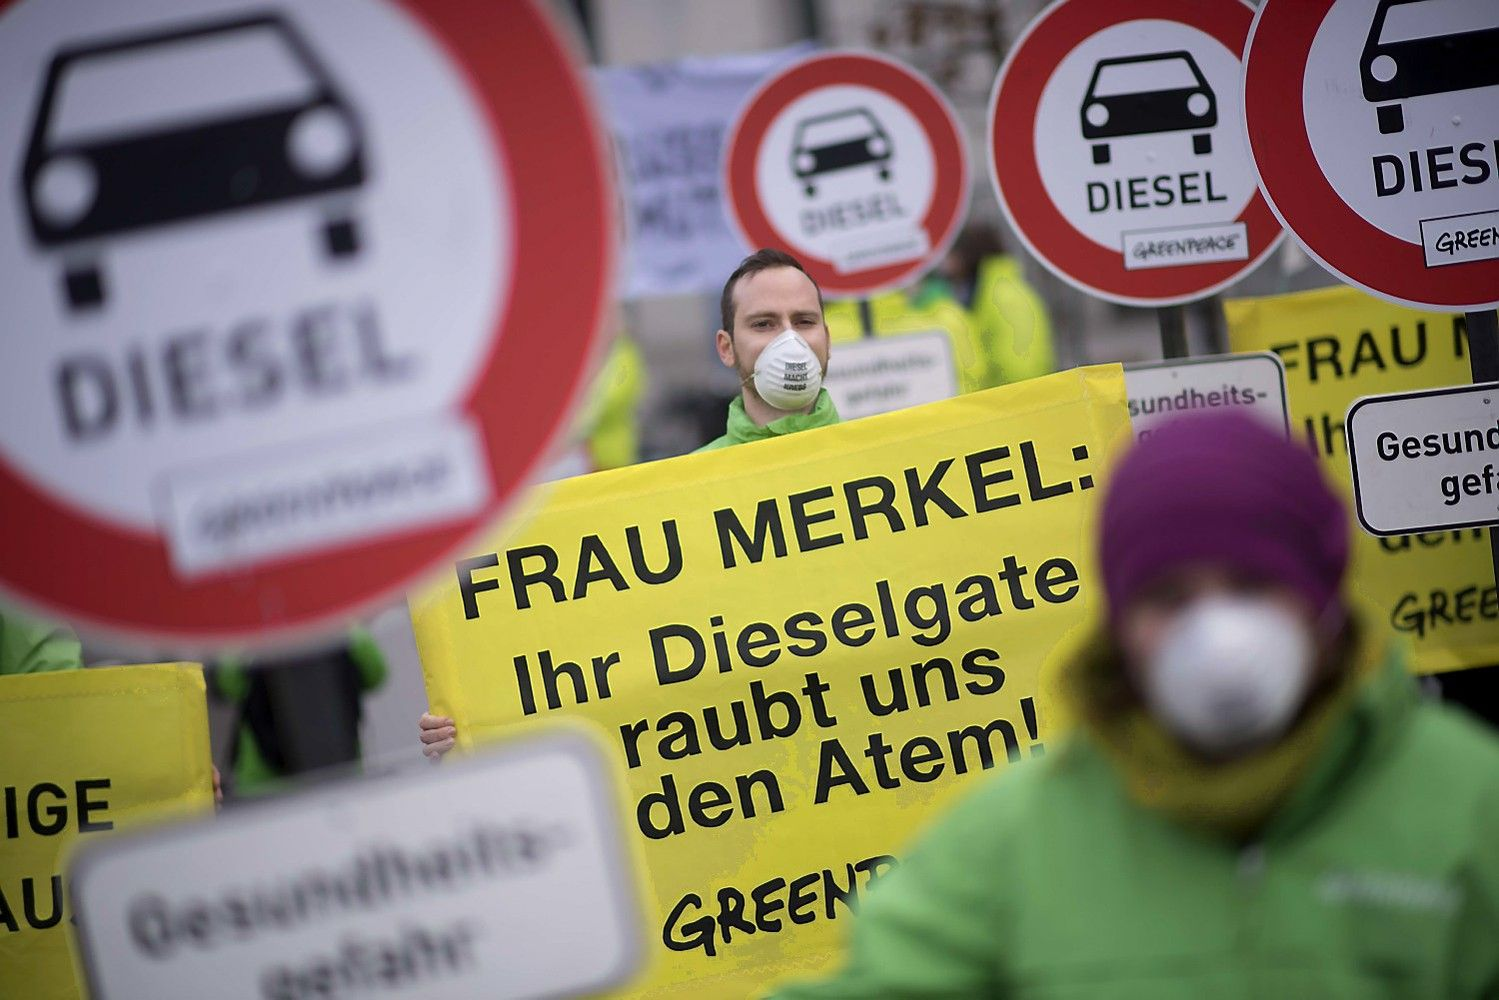 """EP piktinasi, kad po dyzelgeito """"Volkswagen"""" Europoje nesulaukė baudų"""